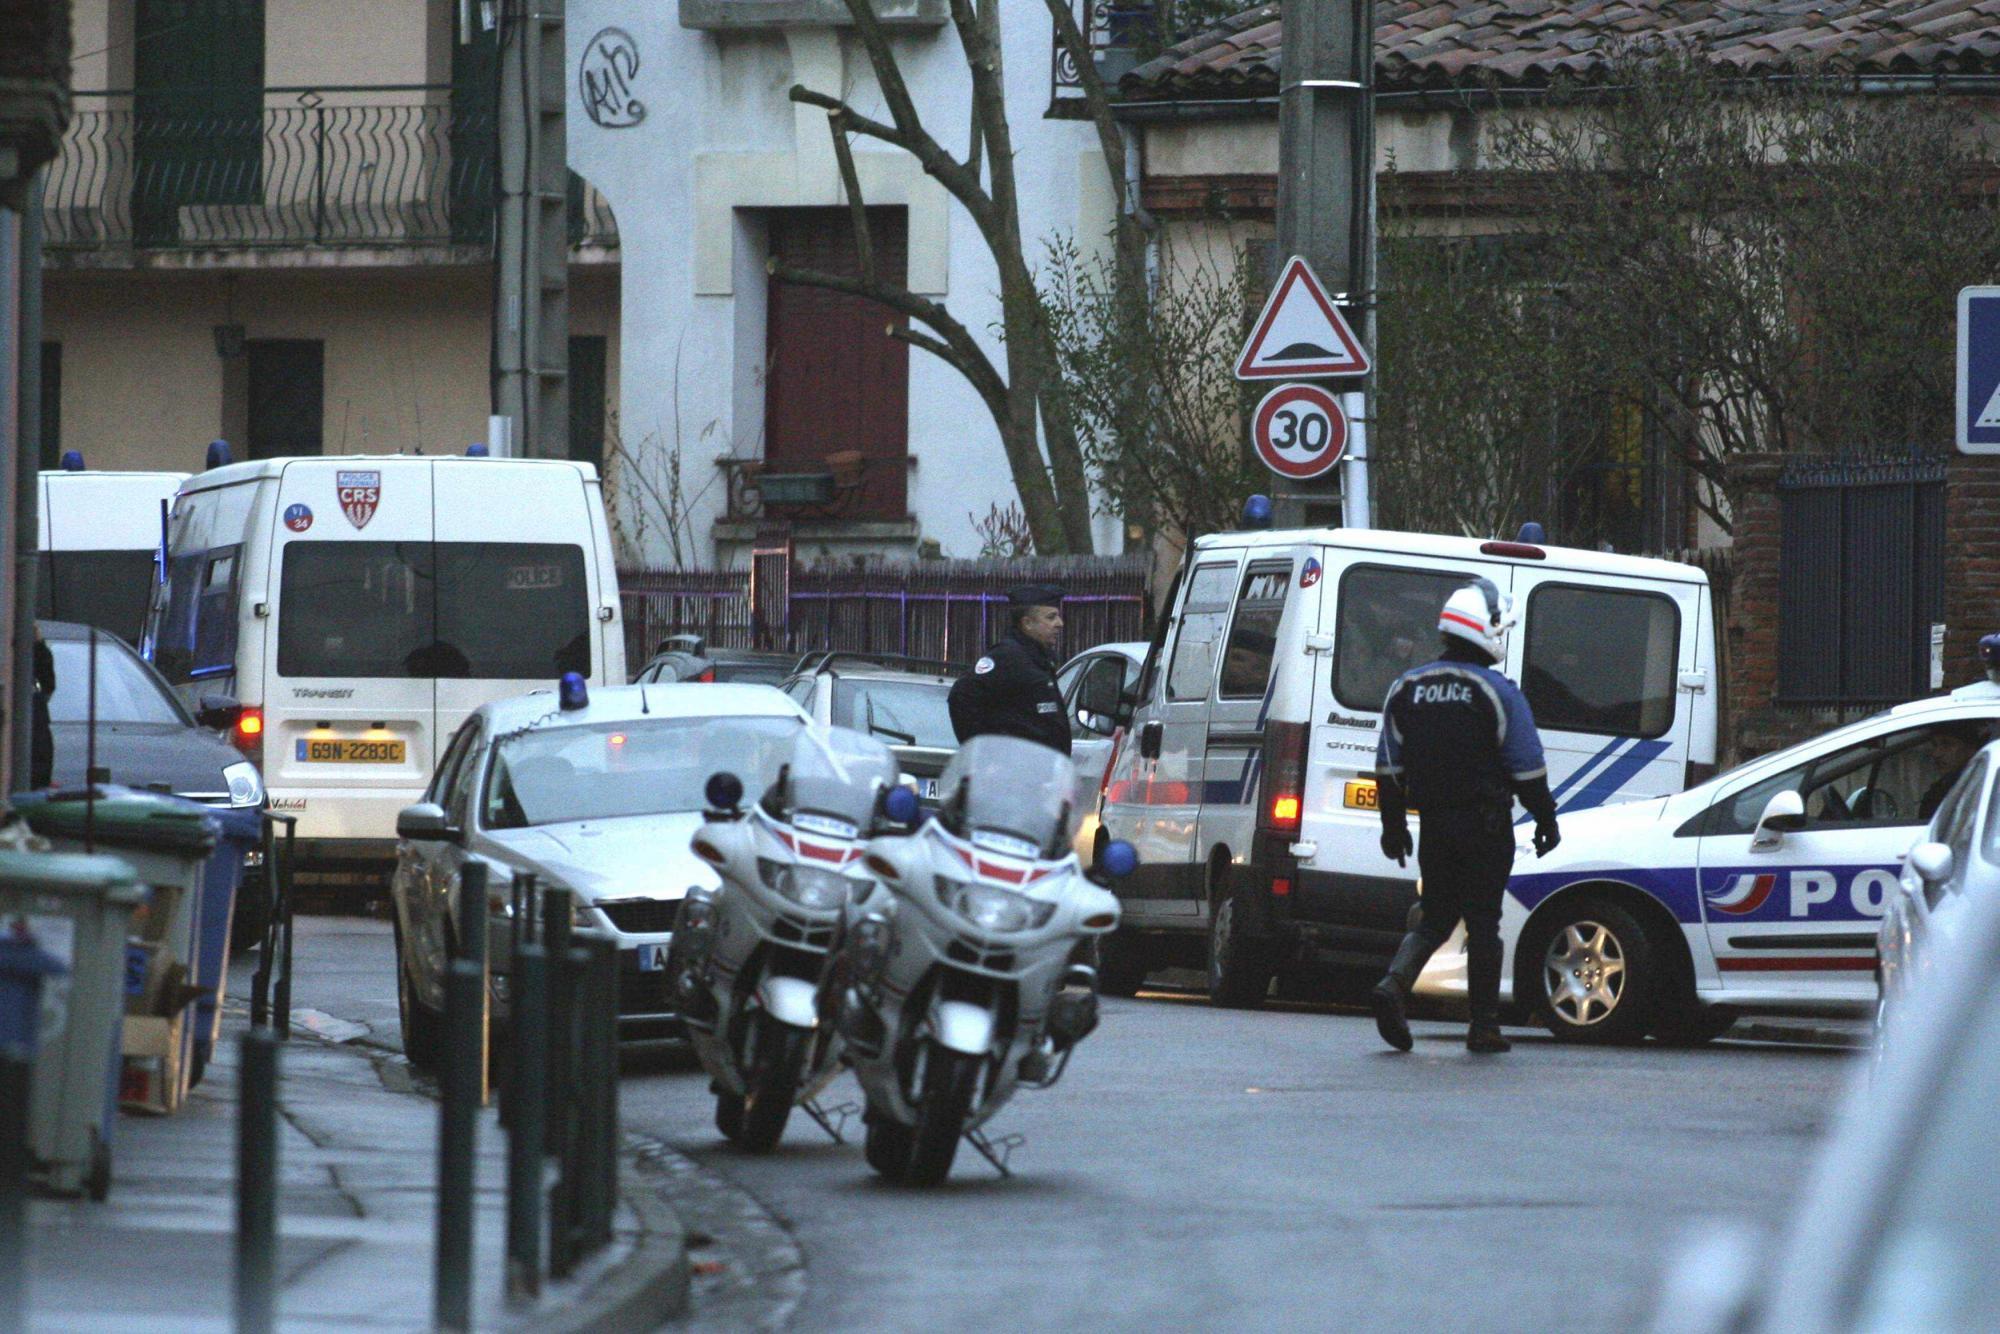 3月21日凌晨,法国警方突袭图卢兹市一处住宅,封锁了周边道路。